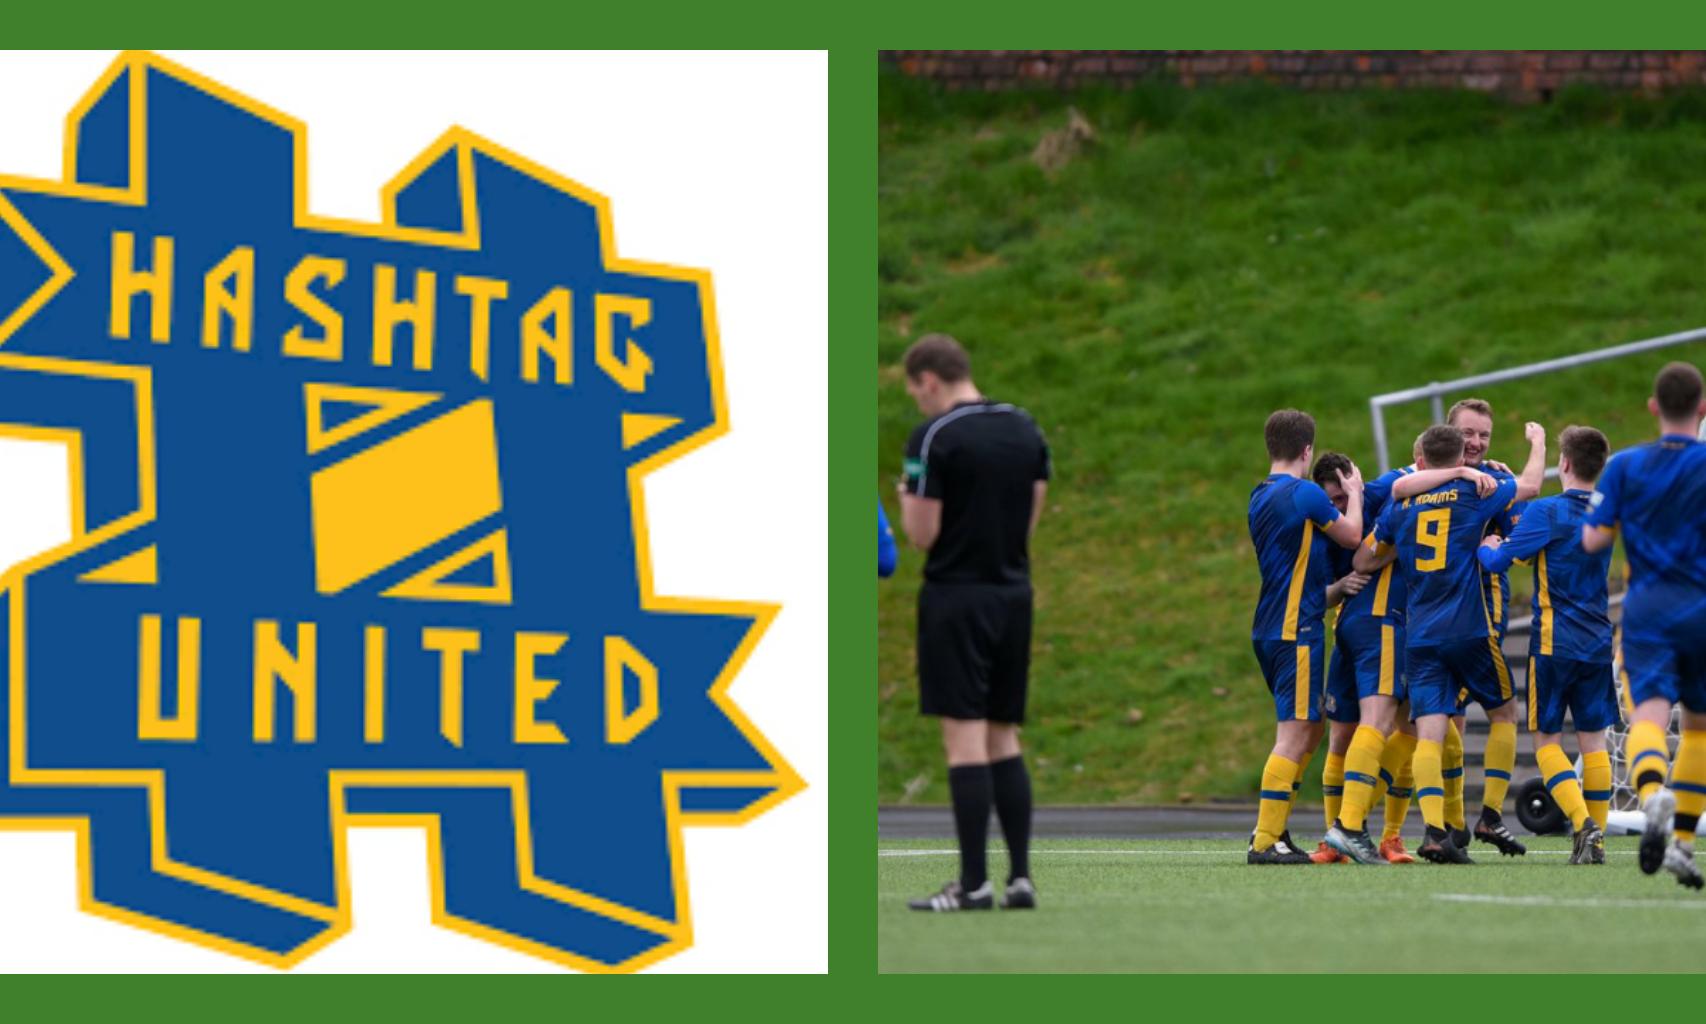 Tutto è sul web, pure il calcio: la storia dell'Hashtag Utd